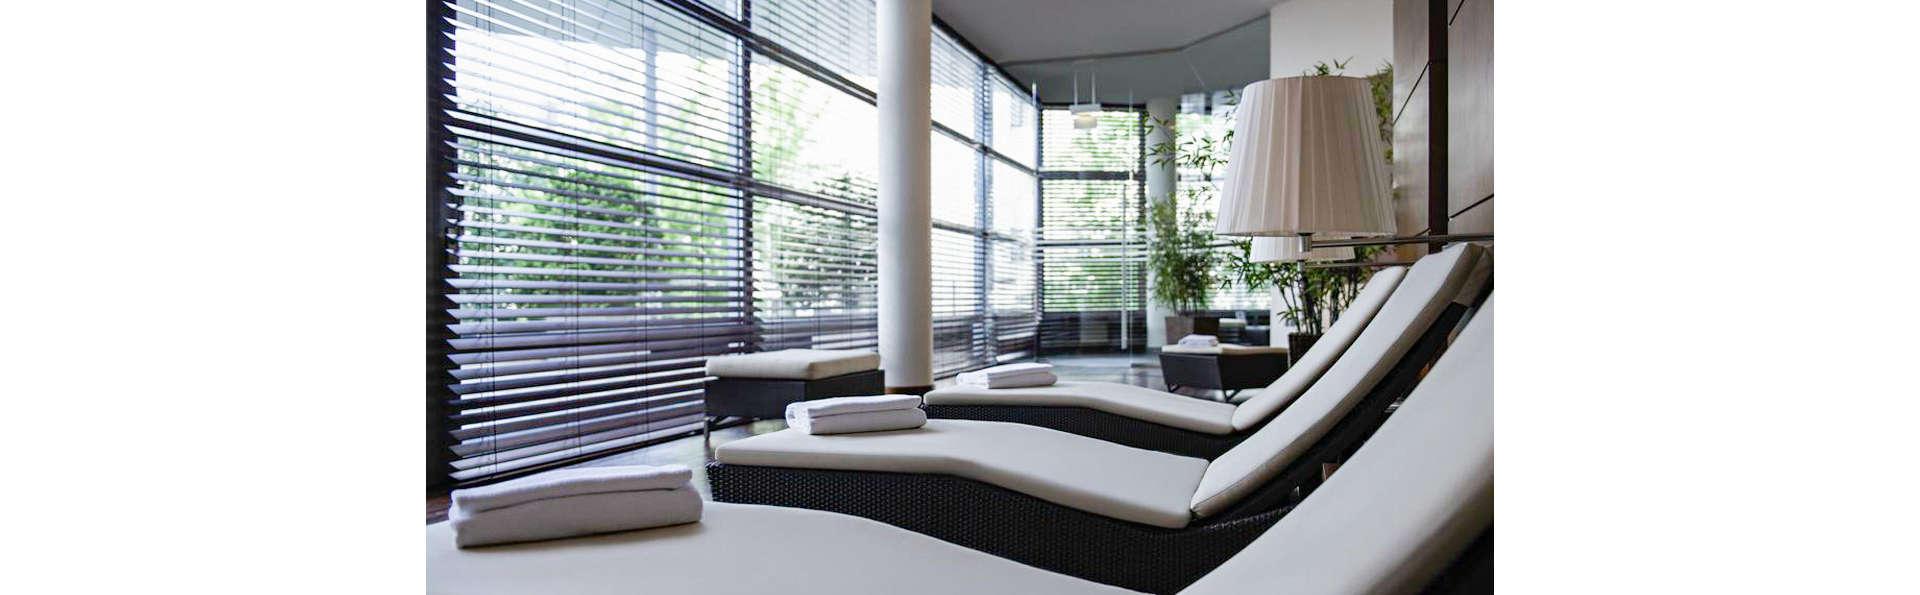 Alojamiento ideal en el corazón de Colonia